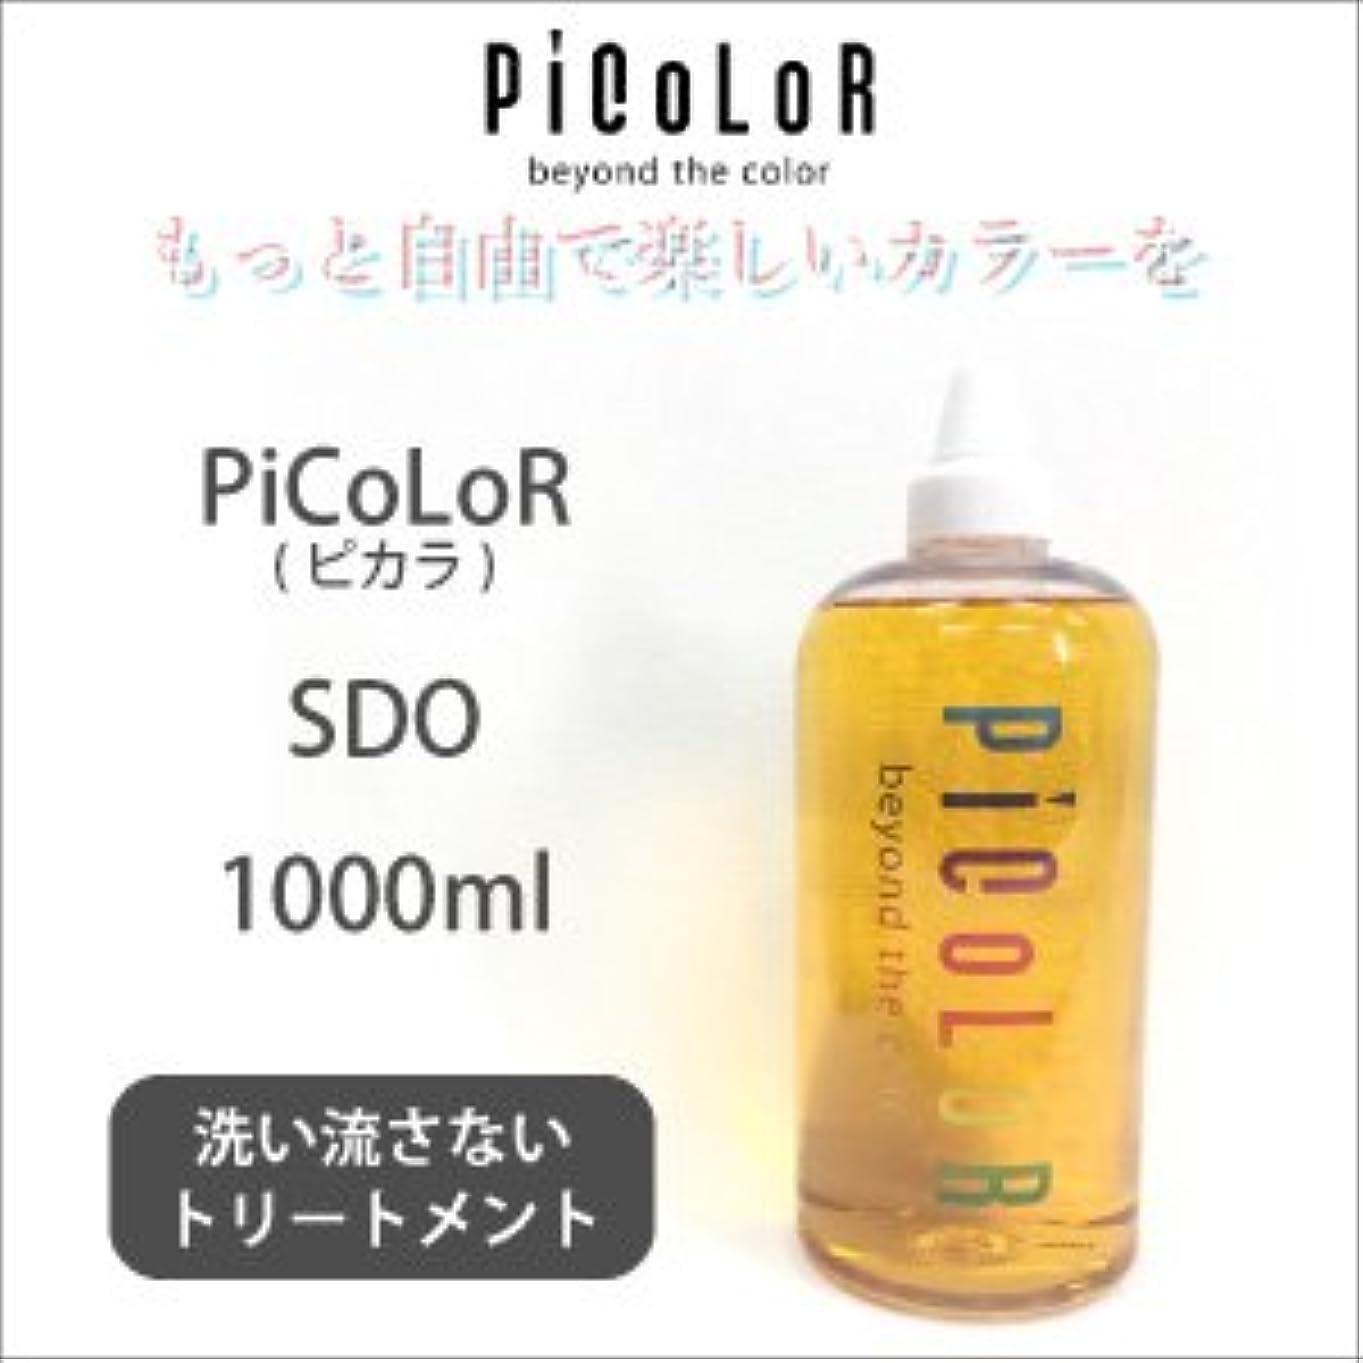 のホスト協力的ラインナップムコタ ピカラ SDO (洗い流さないトリートメント) 1000ml